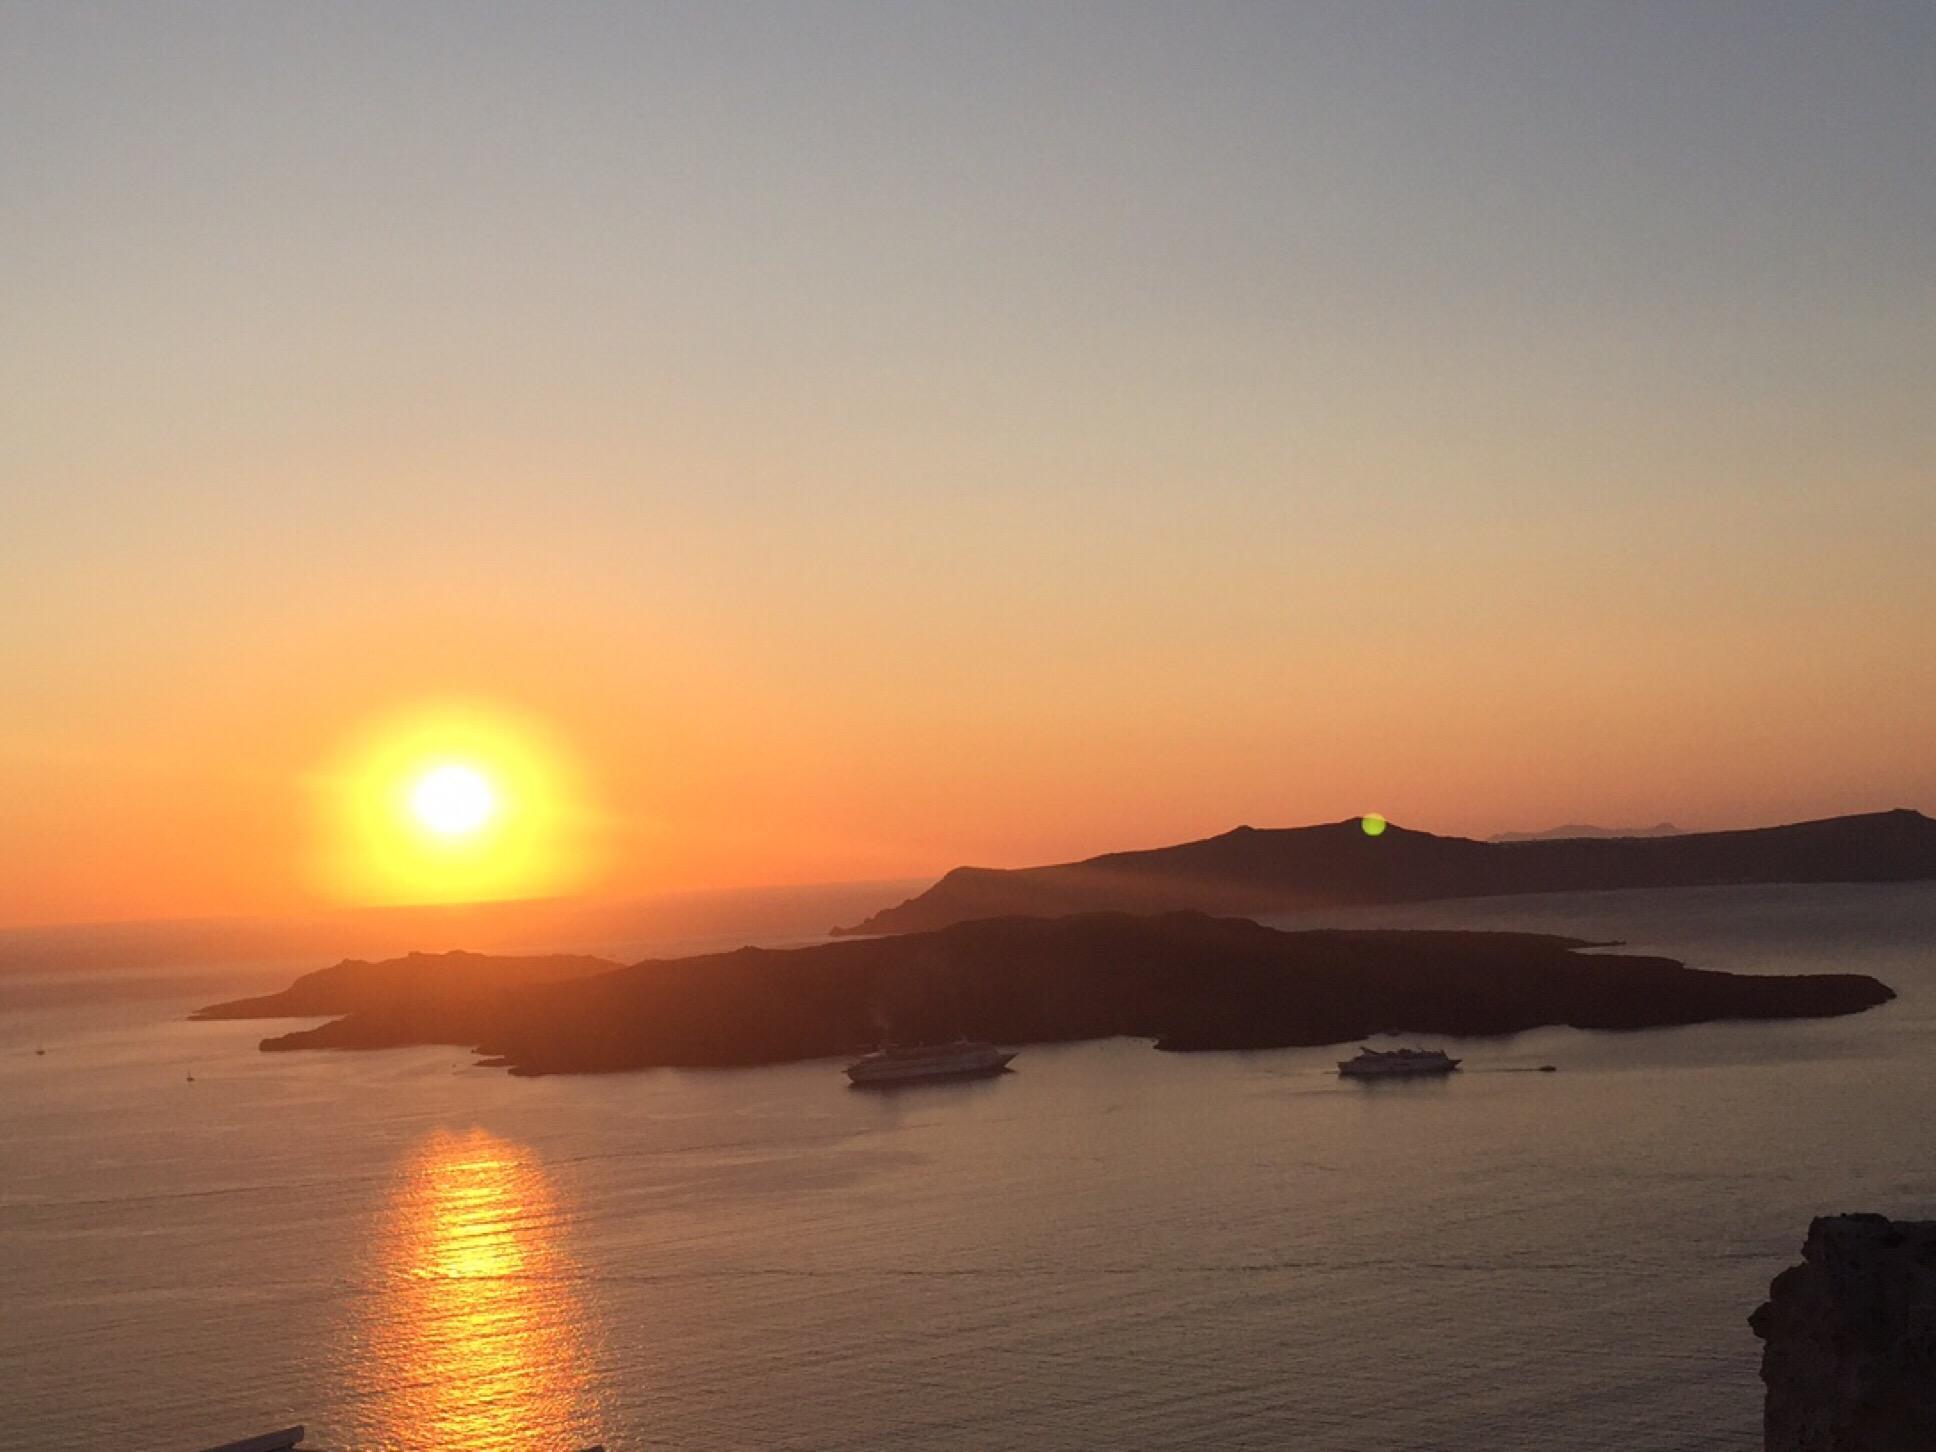 #Sonntagsglück – oder – Sommerglück auf Santorini